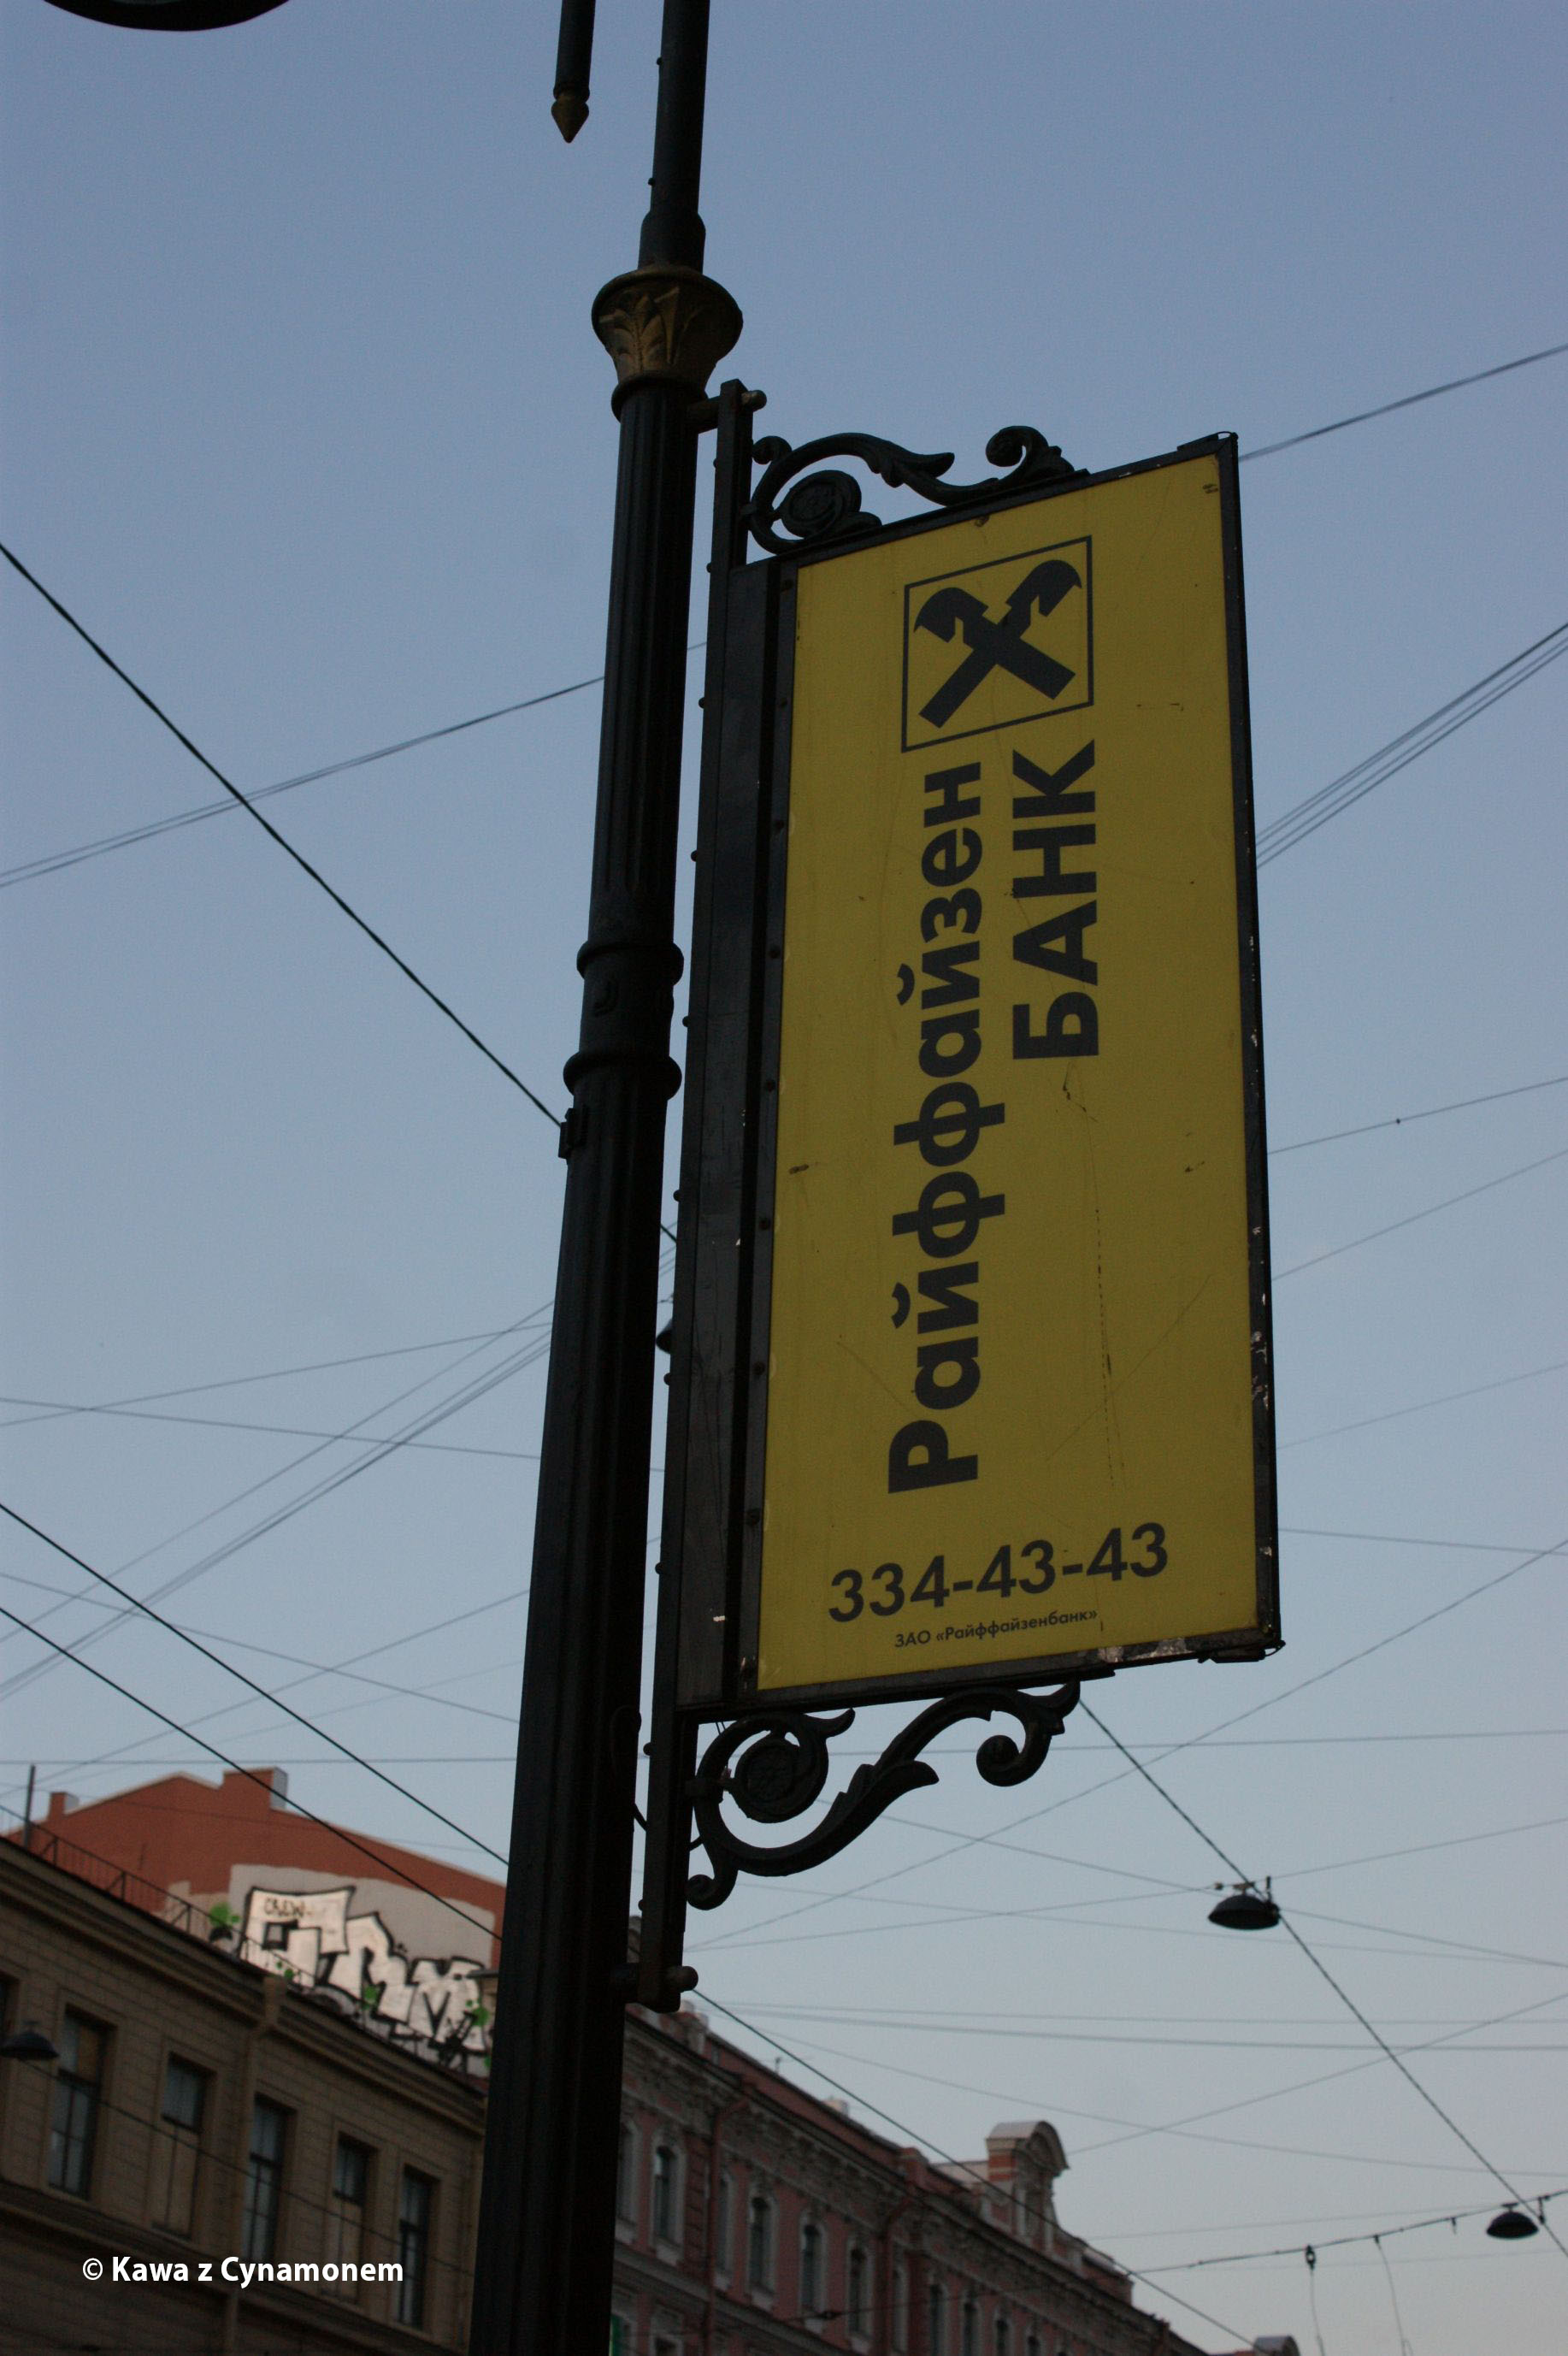 Petersburg - Raiffeisen Bank